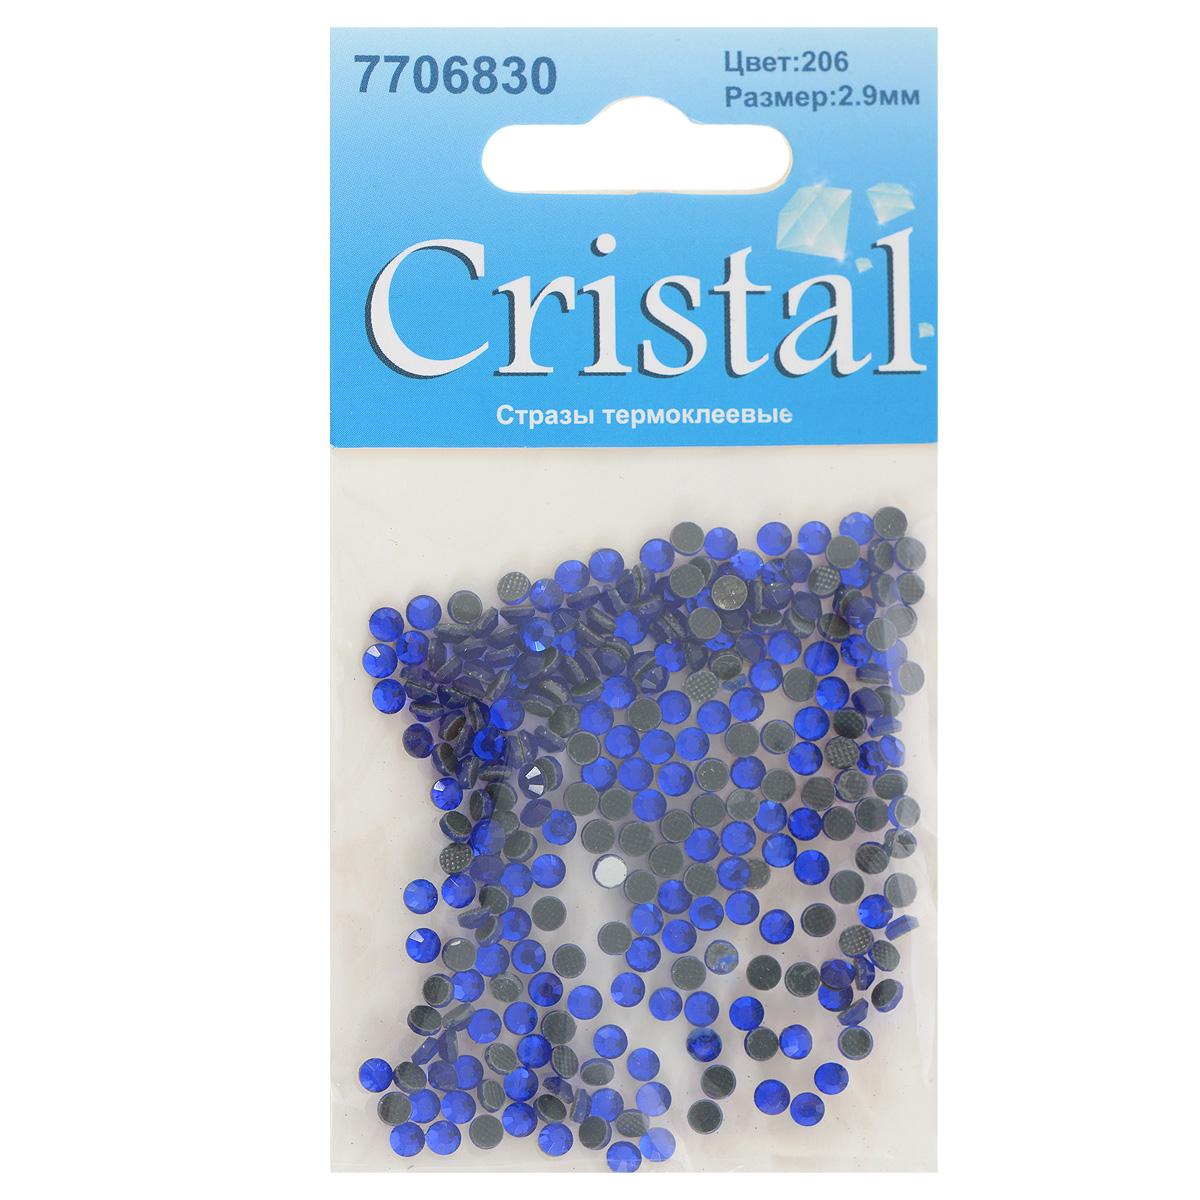 Стразы термоклеевые Cristal, цвет: синий (206), диаметр 2,9 мм, 288 шт7706830_206Набор термоклеевых страз Cristal, изготовленный из высококачественного акрила, позволит вам украсить одежду, аксессуары или текстиль. Яркие стразы имеют плоское дно и круглую поверхность с гранями.Дно термоклеевых страз уже обработано особым клеем, который под воздействием высоких температур начинает плавиться, приклеиваясь, таким образом, к требуемой поверхности. Чаще всего их используют в текстильной промышленности: стразы прикладывают к ткани и проглаживают утюгом с обратной стороны. Также можно использовать специальный паяльник. Украшение стразами поможет сделать любую вещь оригинальной и неповторимой. Диаметр страз: 2,9 мм.